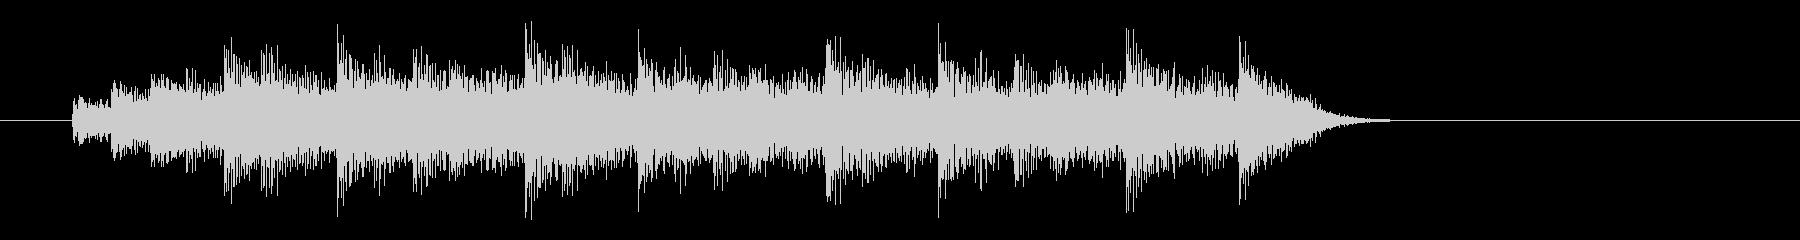 モダンなピアノコードによるジングル2の未再生の波形